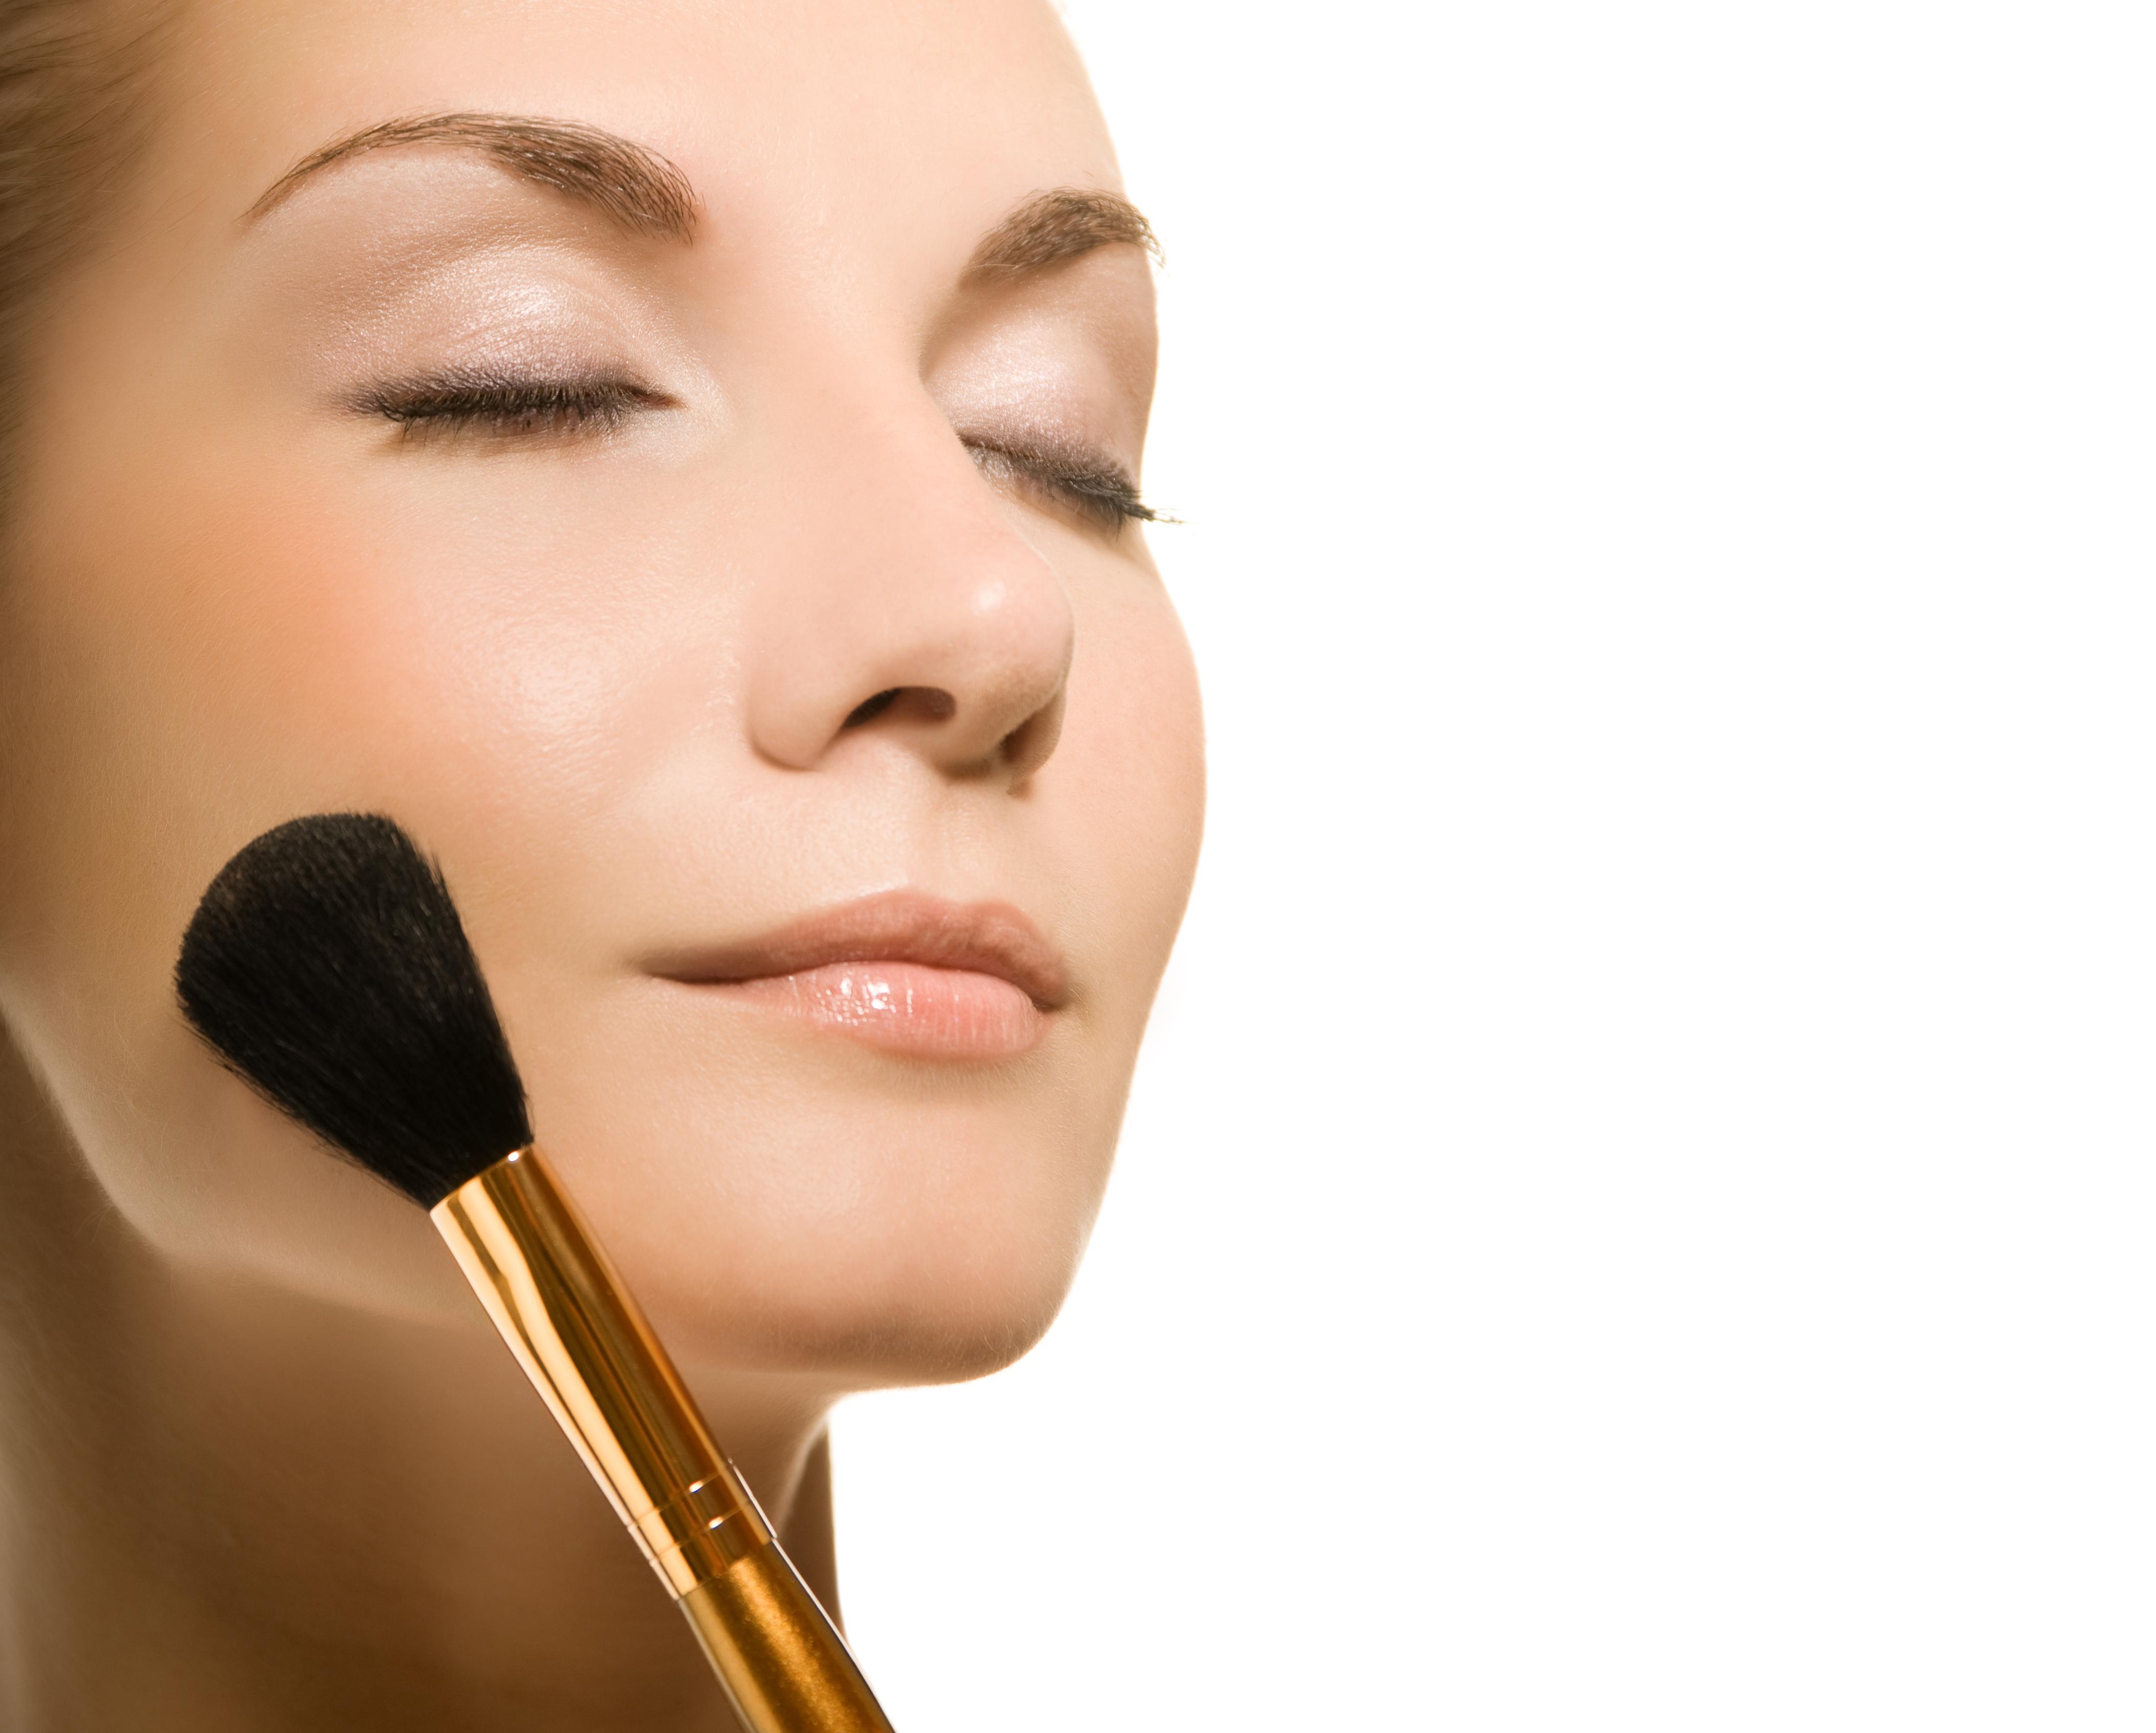 No te maquilles en exceso y opta por un maquillaje más natural y difumina bien los cosméticos que apliques, menciona el maquillista Charlie Vázquez. (Archivo)